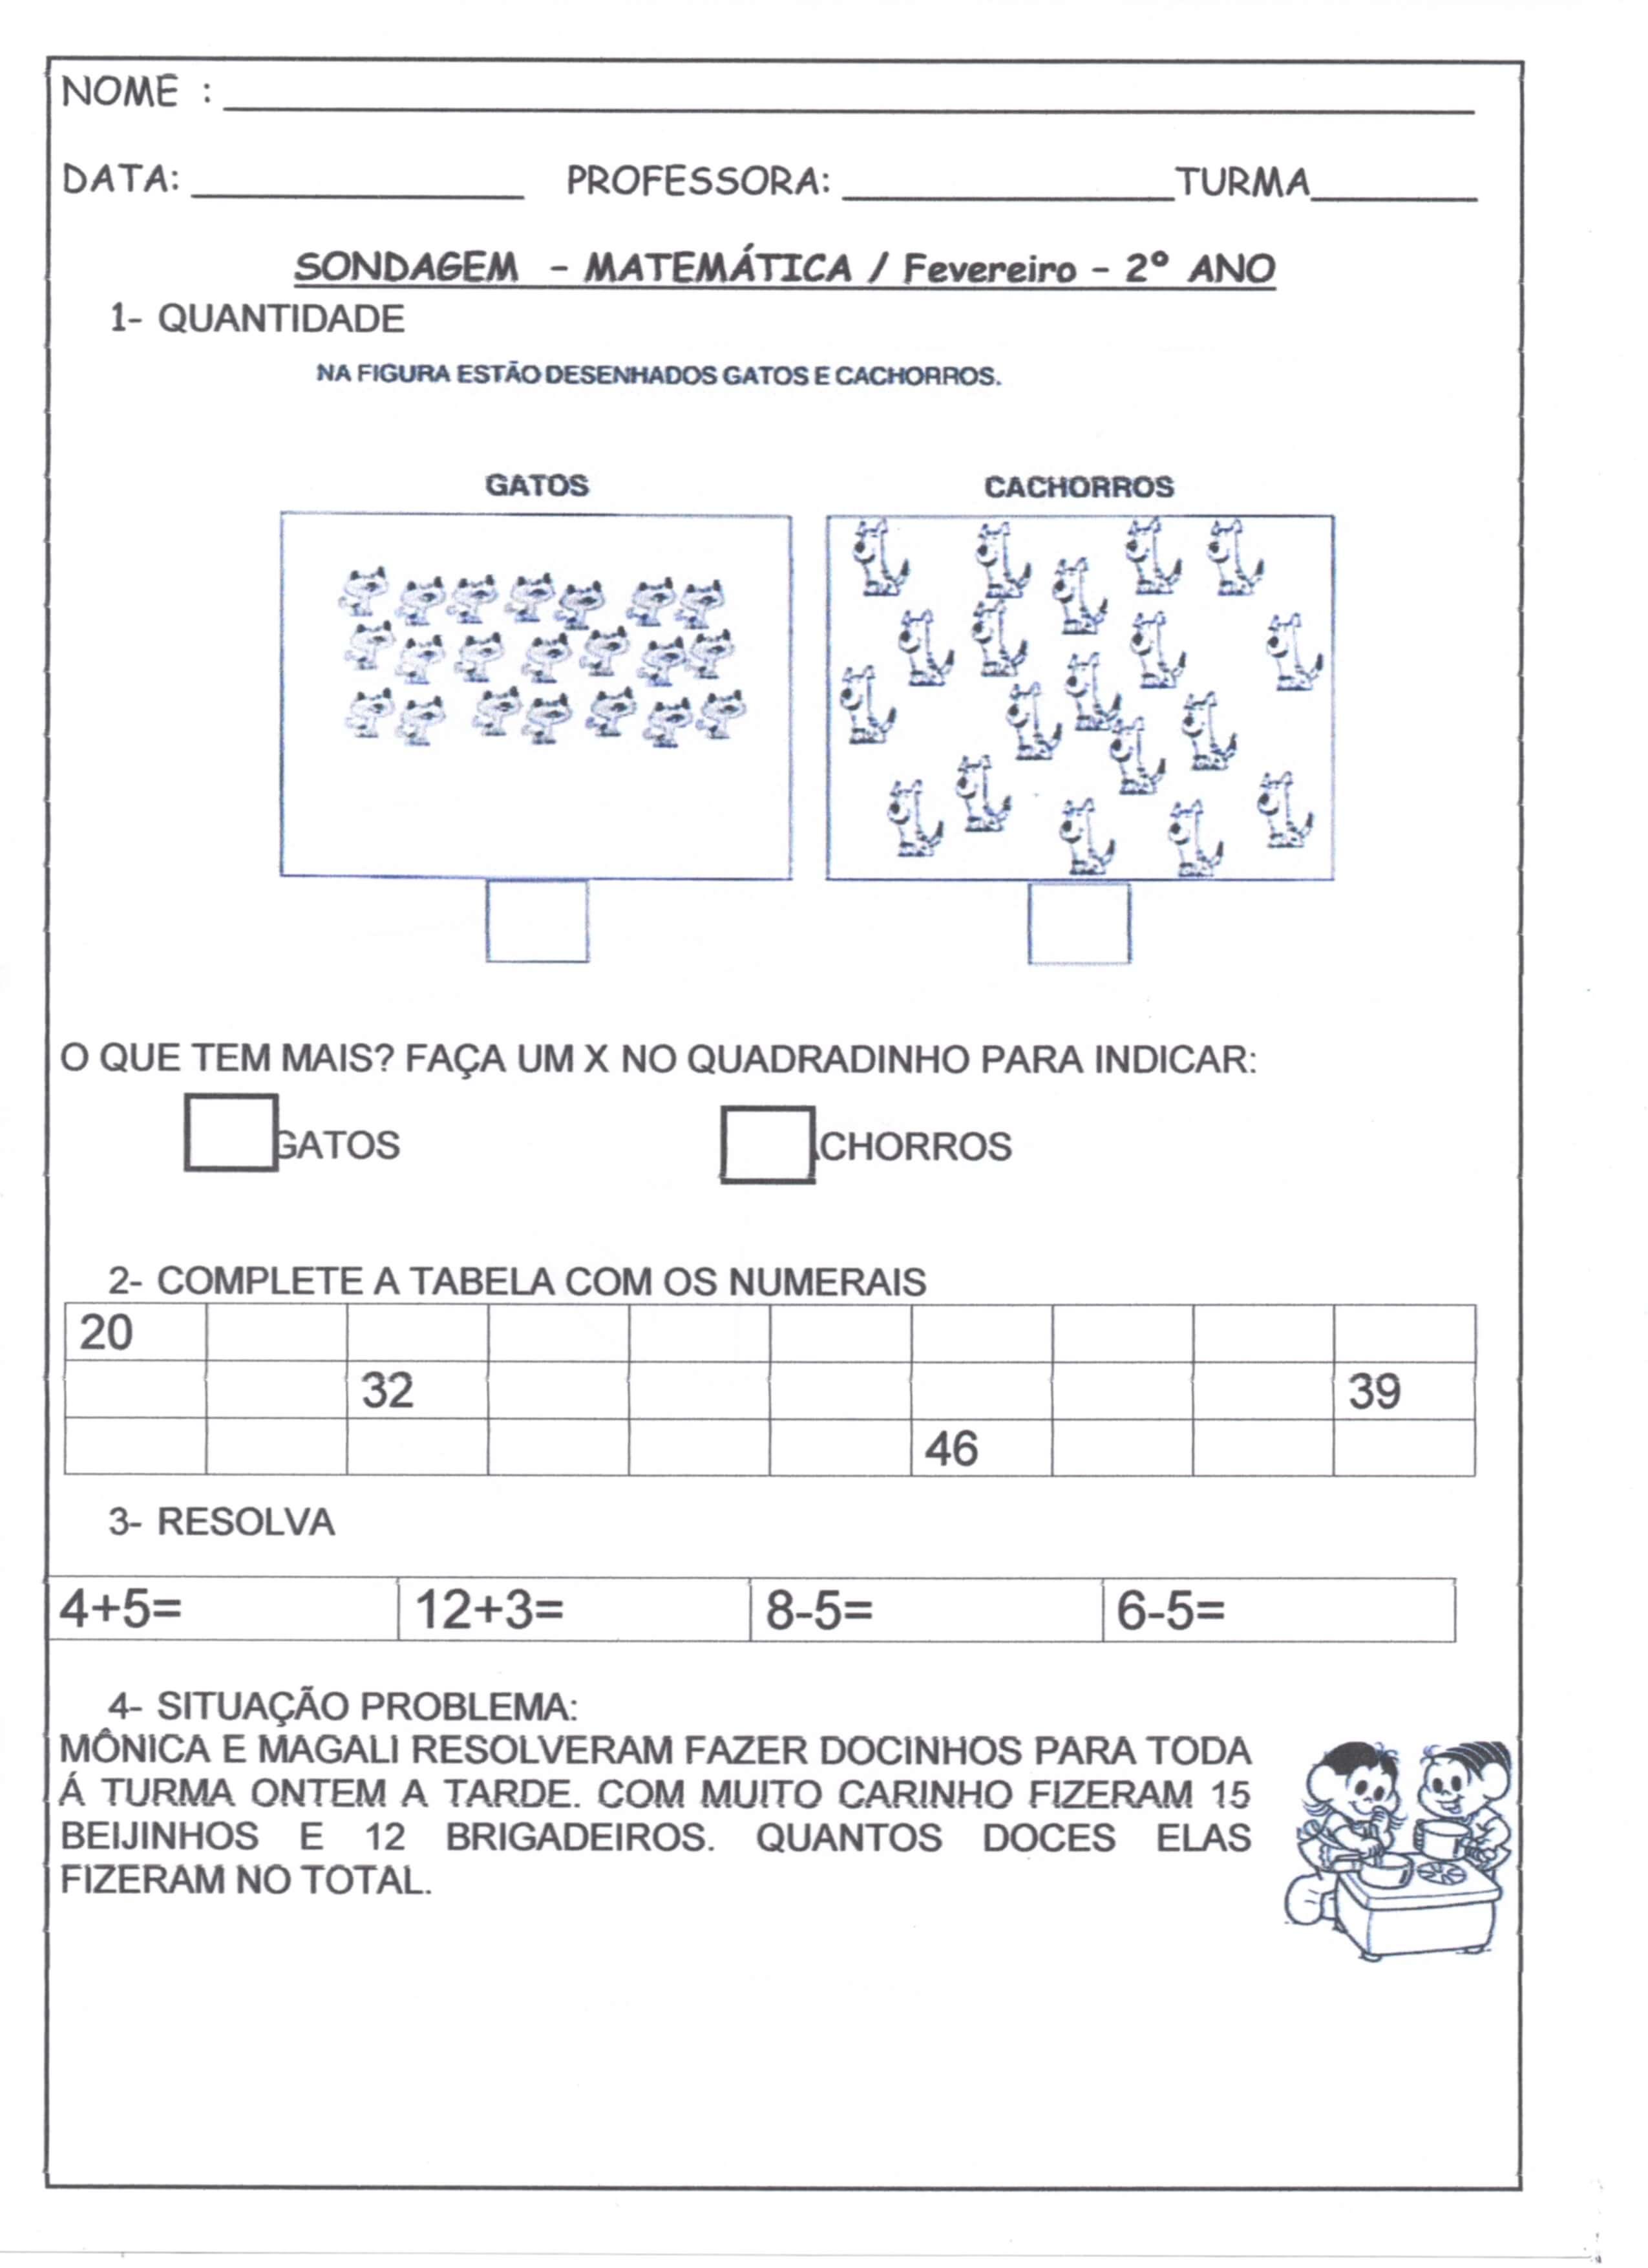 Sondagem Matematica 2 Ano Fevereiro Alfabetizacao Blog